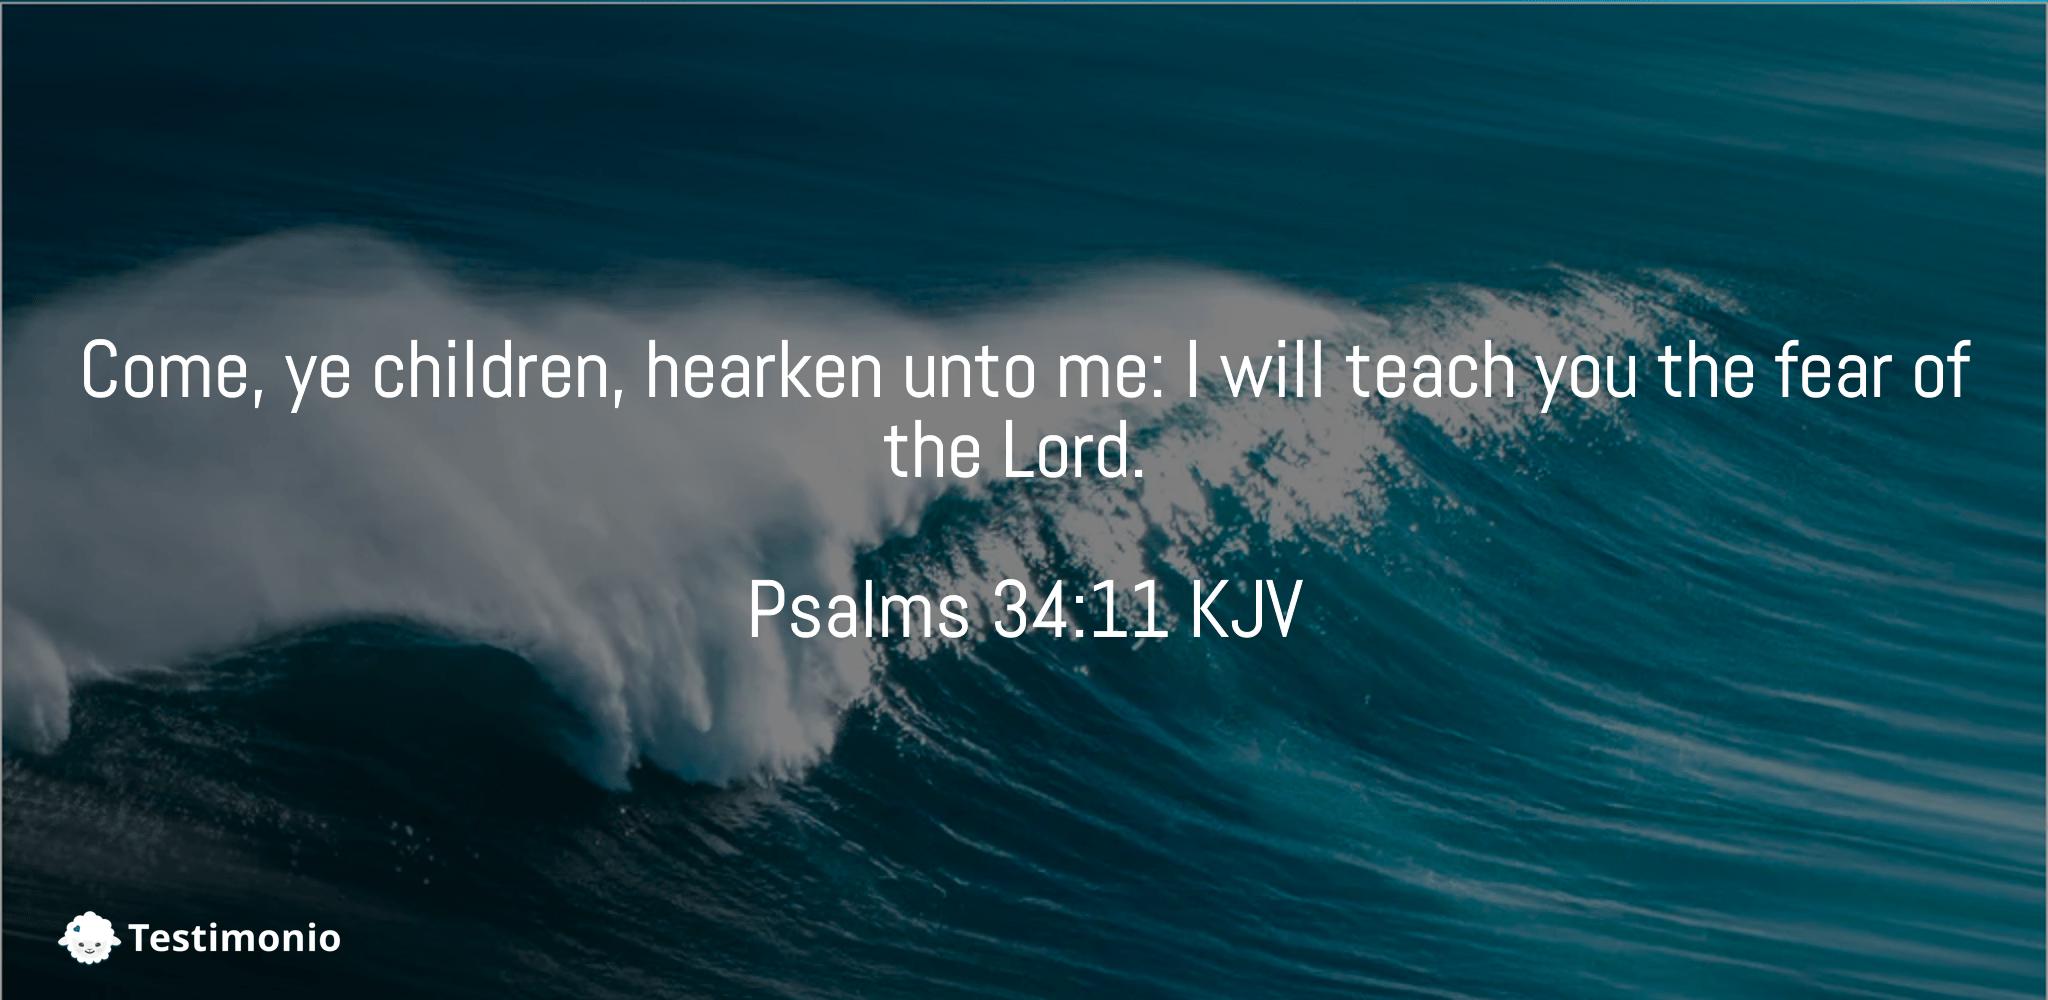 Psalms 34:11